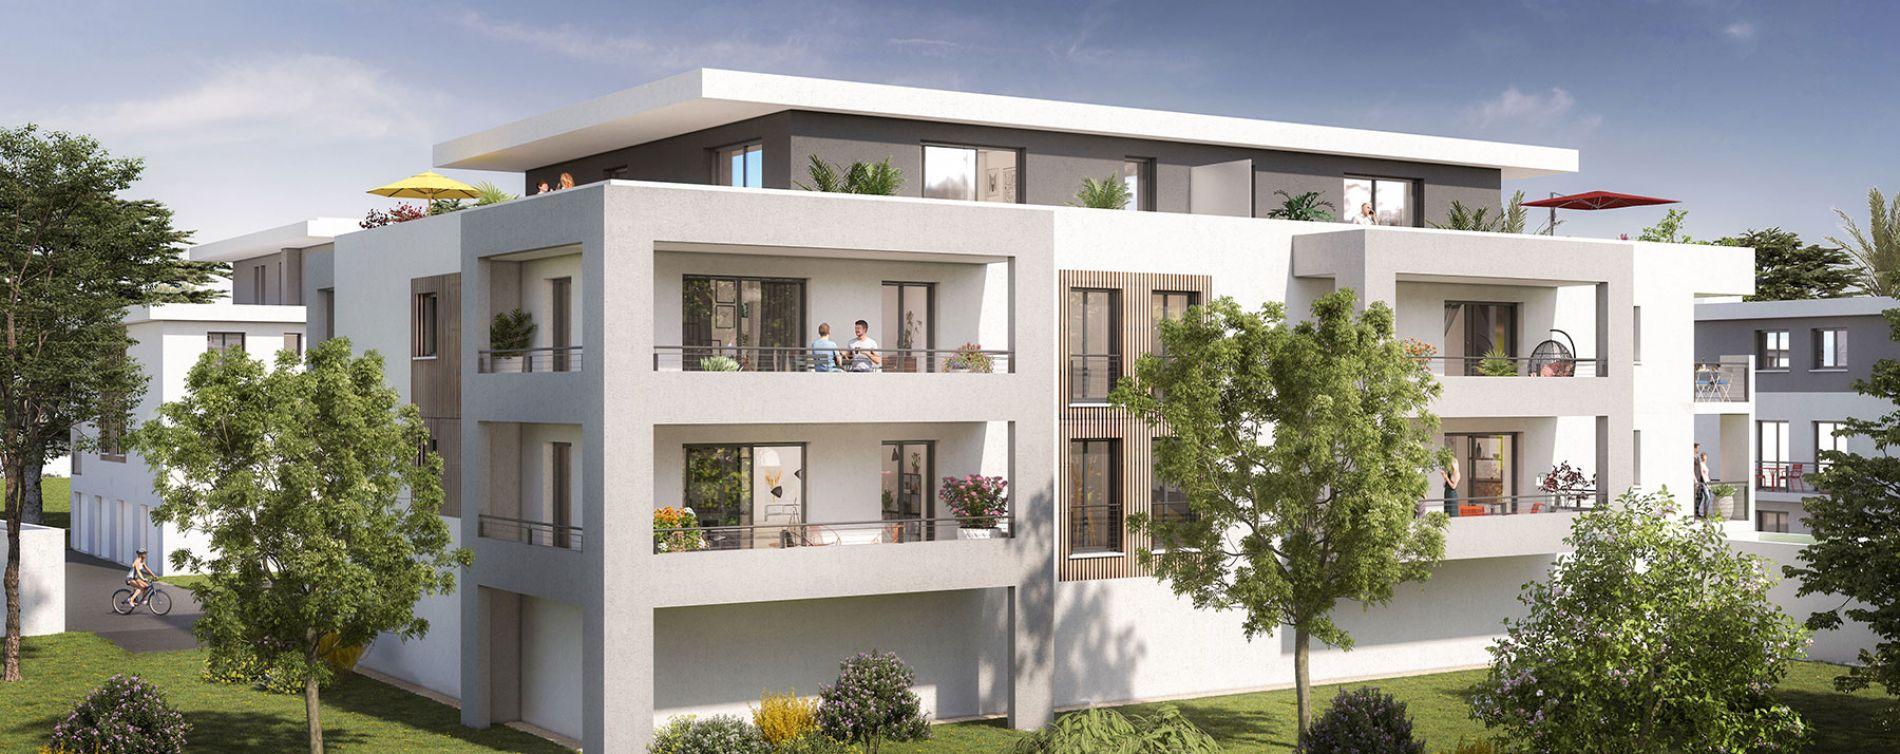 Saint-Paul-lès-Dax : programme immobilier neuve « Les Jardins des Acacias »